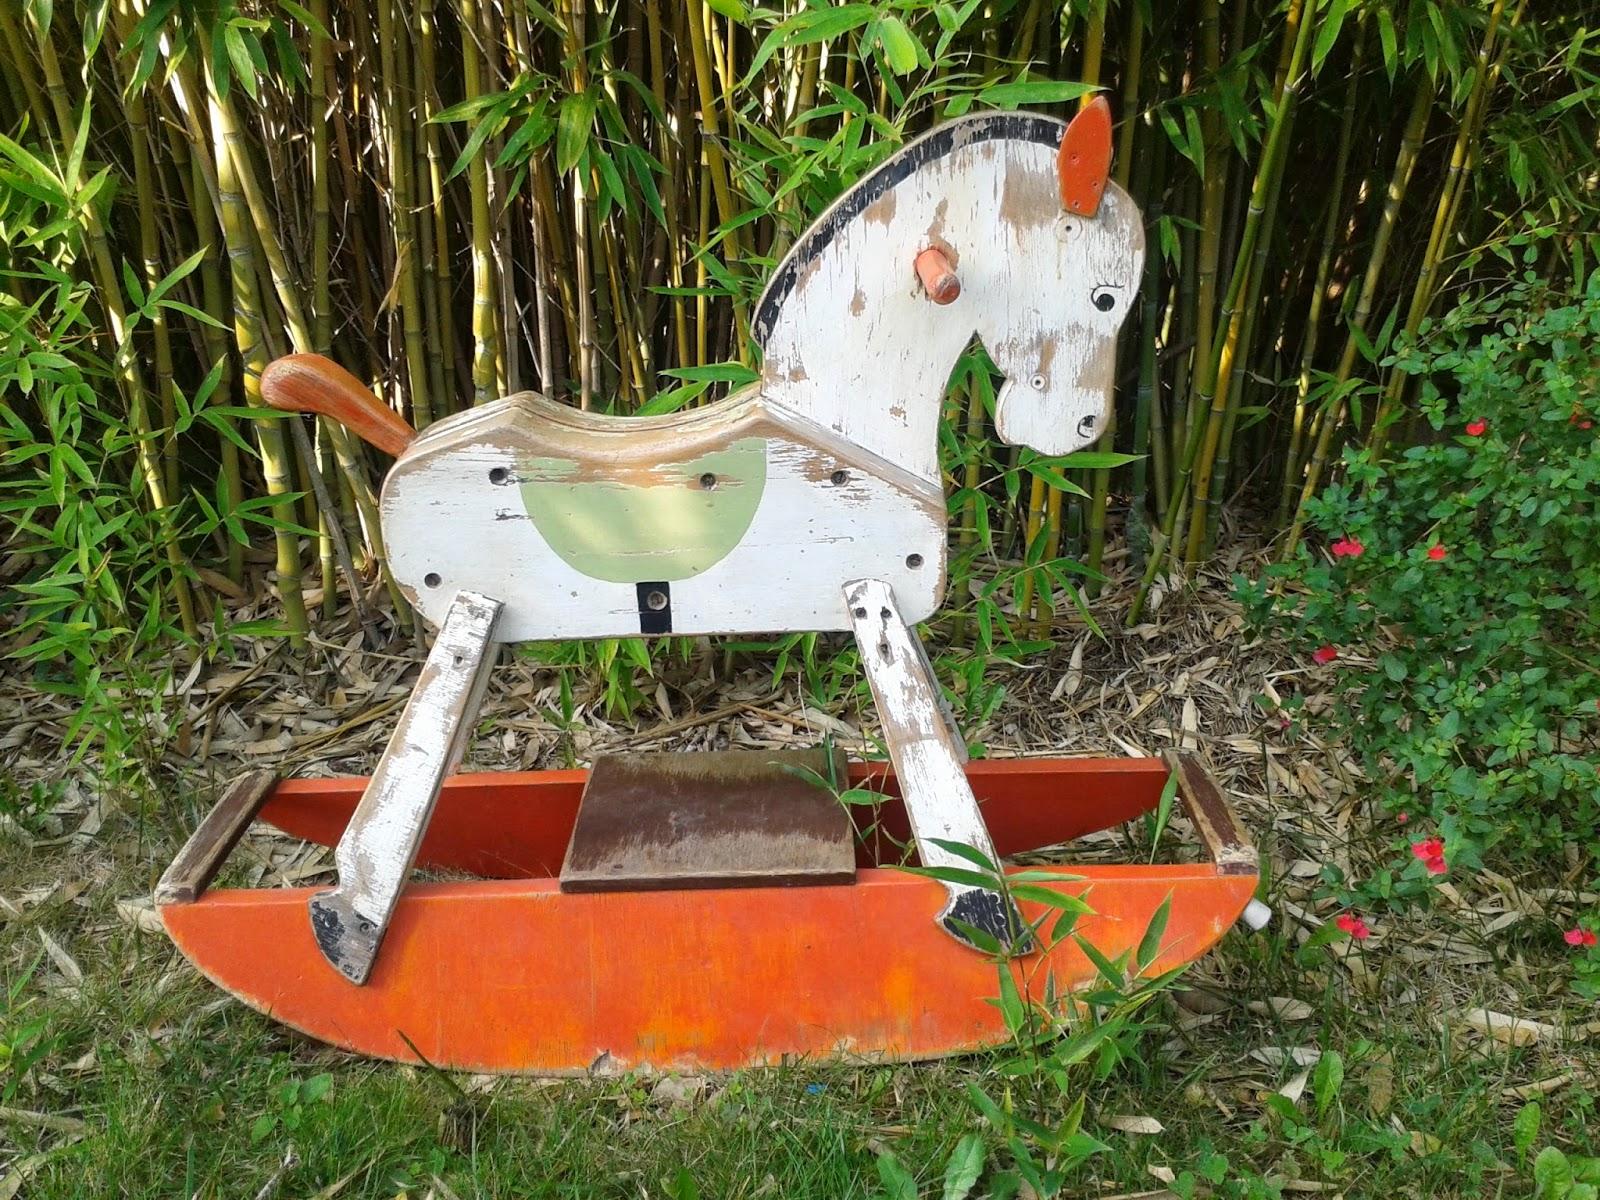 cheval bascule vintage en bois couleurs orange vert blanc les enfants de la brocante. Black Bedroom Furniture Sets. Home Design Ideas